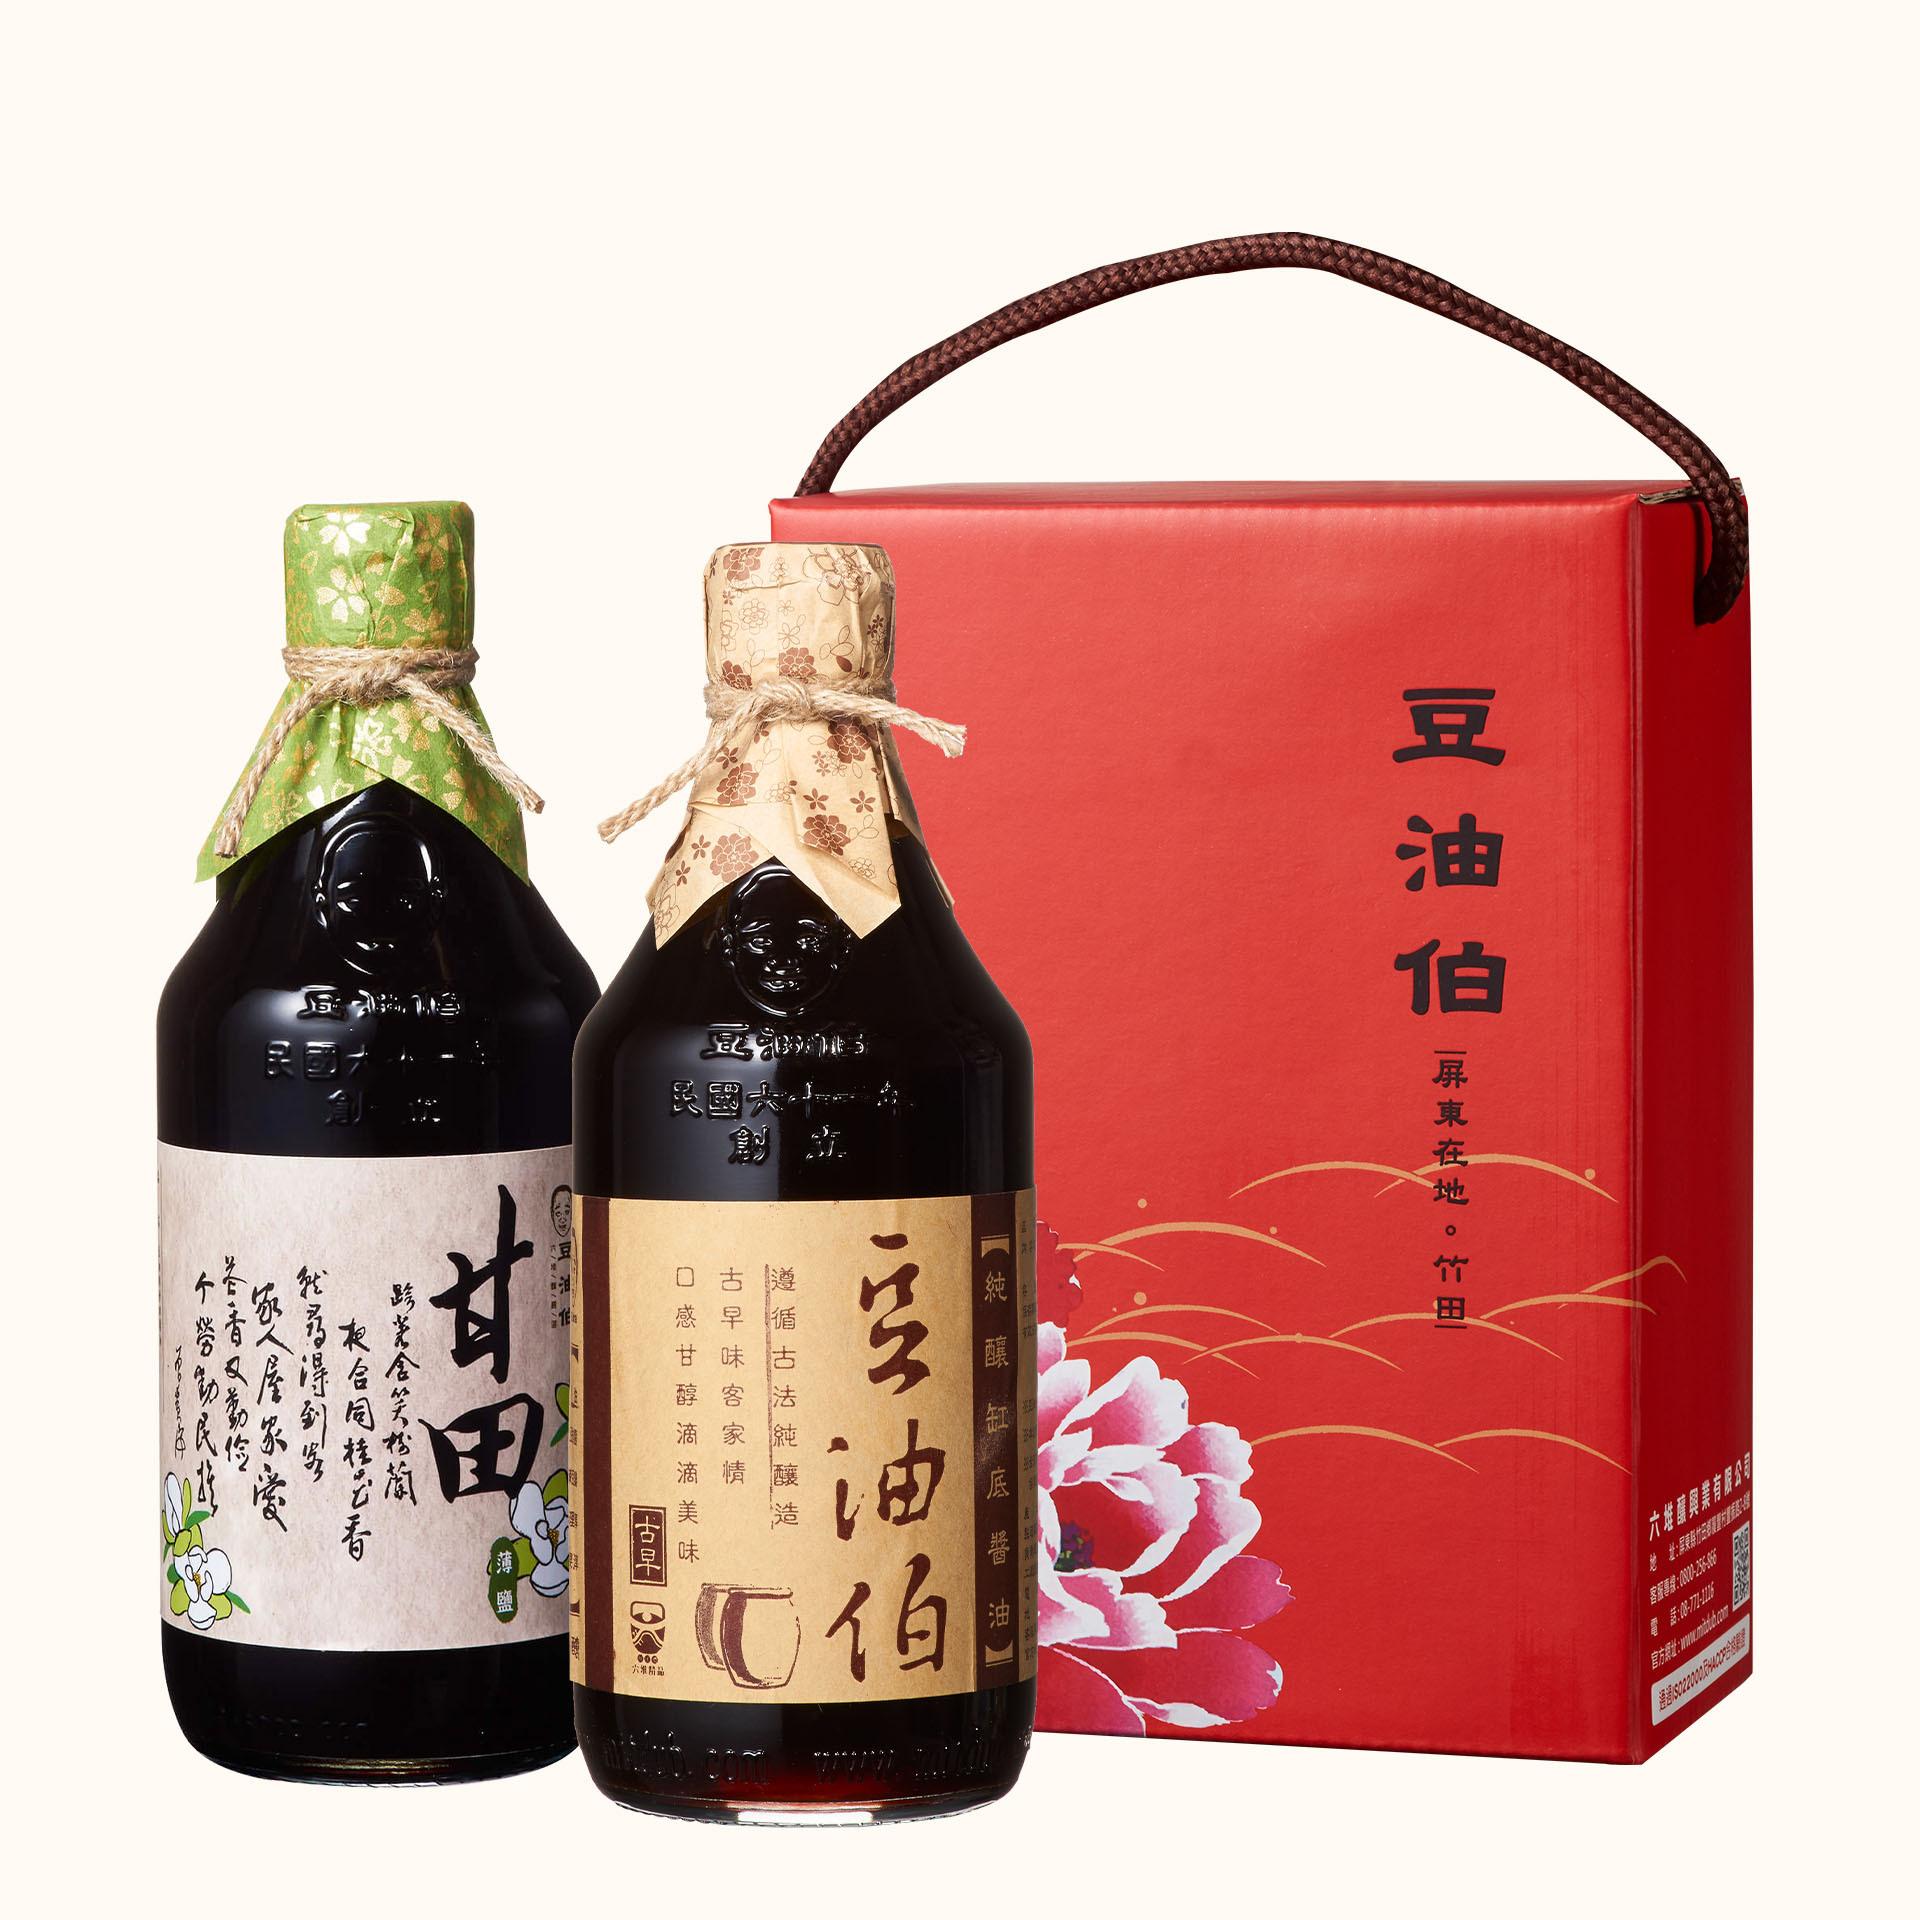 缸底醬油1入+甘田醬油1入(禮盒1組,共2入)